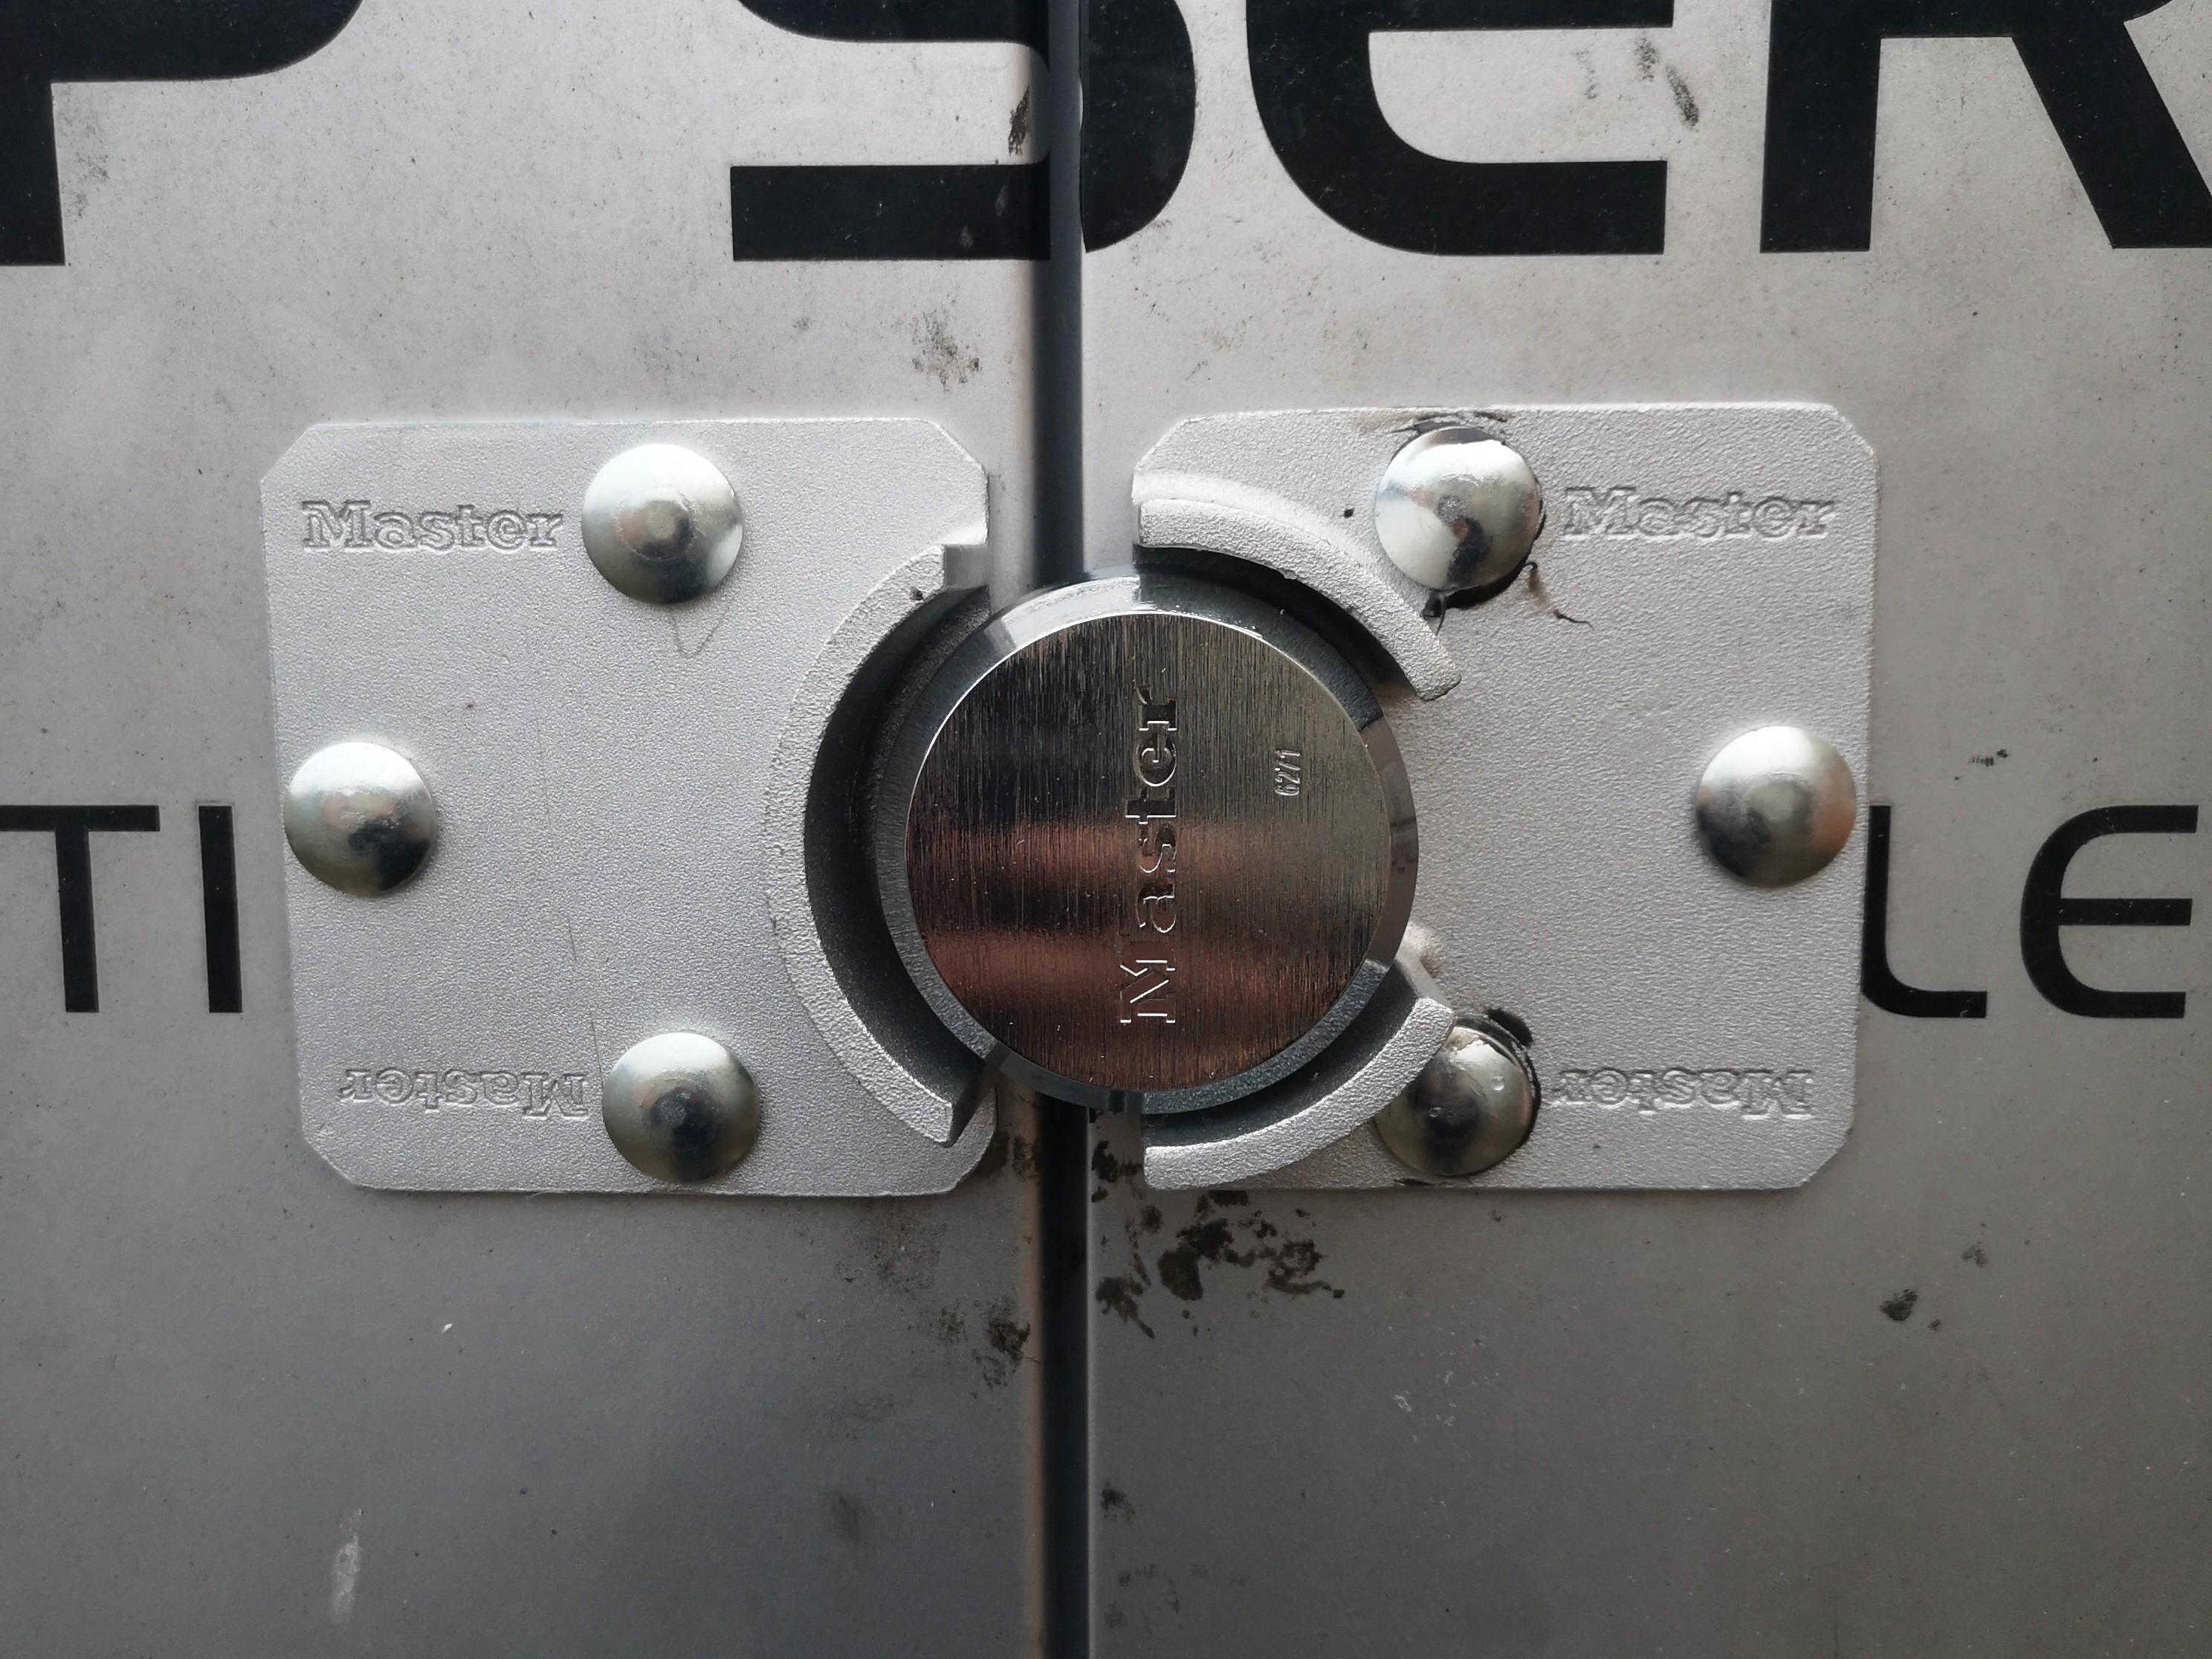 Locks for Vans Maldon